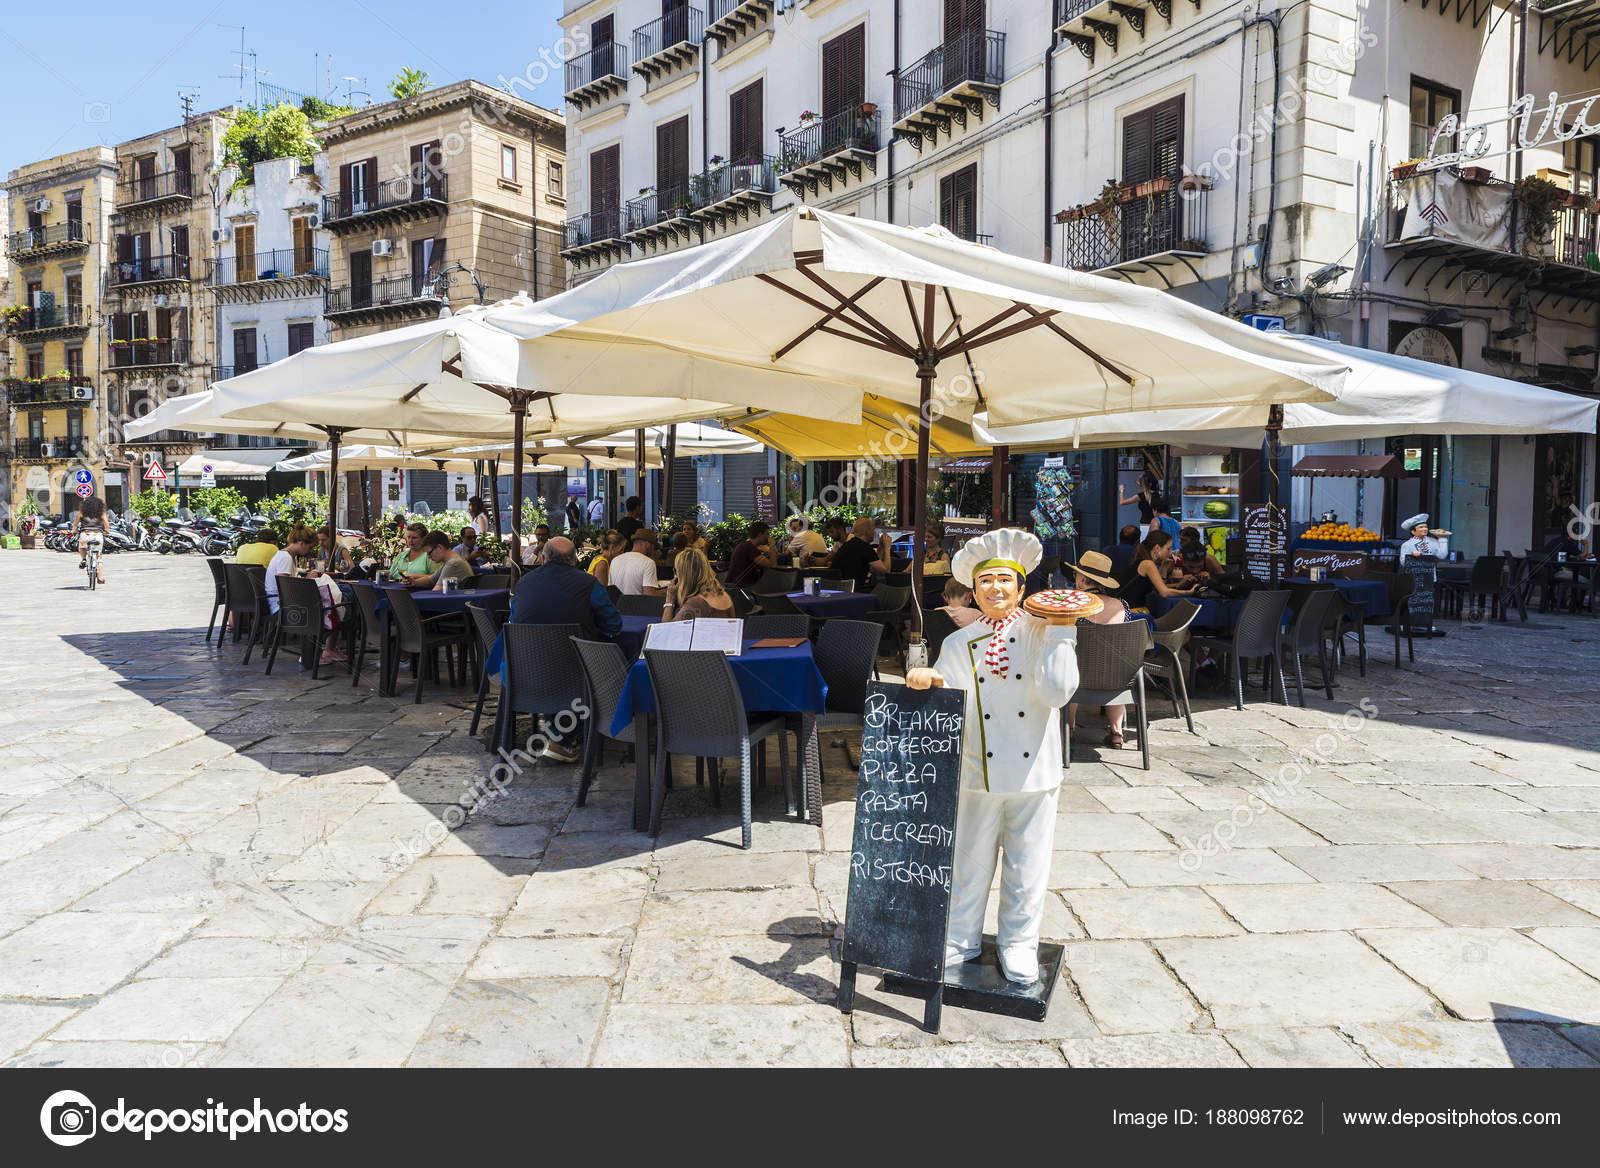 Terrasse Des Restaurantbar In Palermo In Sizilien Italien